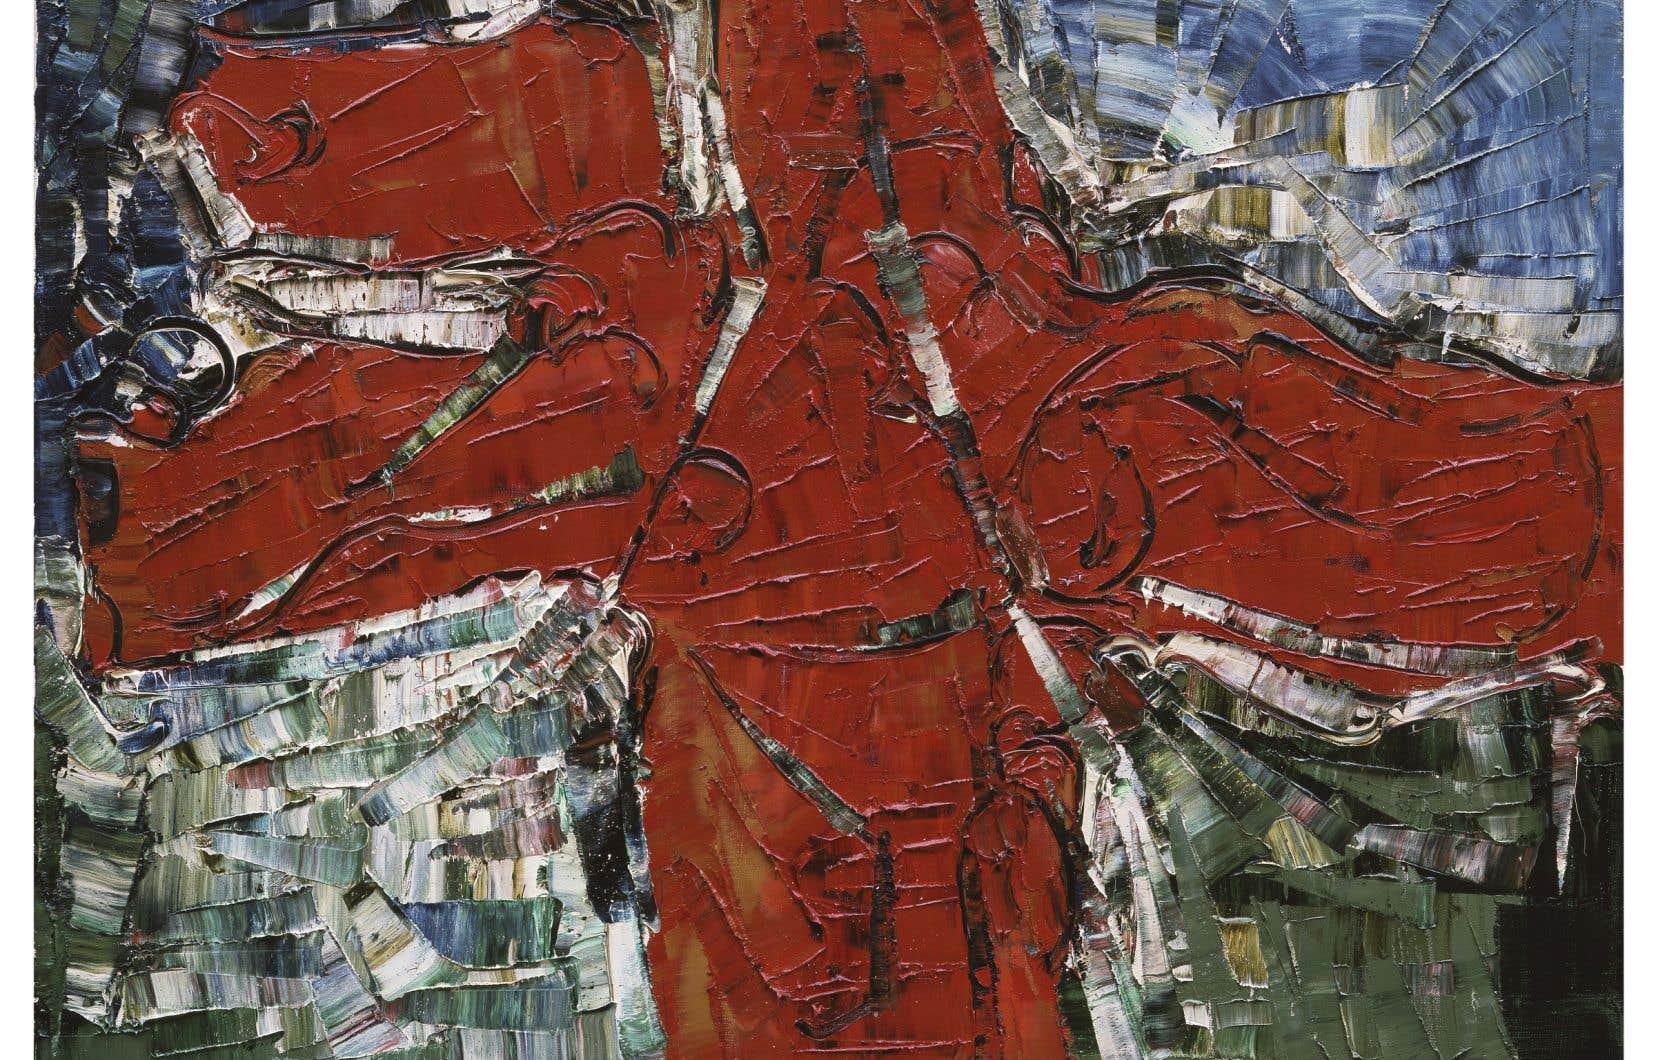 Jean Paul Riopelle (1923-2002), «Inuit», 1977, huile sur toile, 82 x 101cm. Collection de Charles Dutoit, Montréal. ©Succession Jean Paul Riopelle / SOCAN (2020).